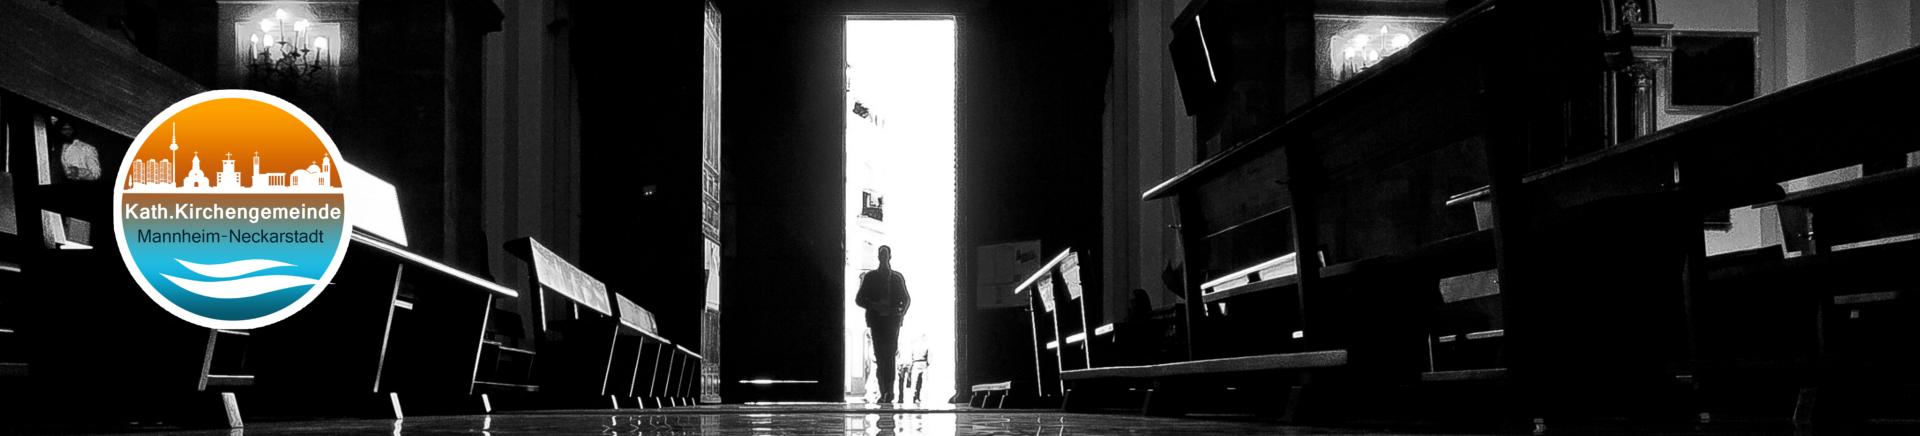 Eintritt In Die Katholische Kirche